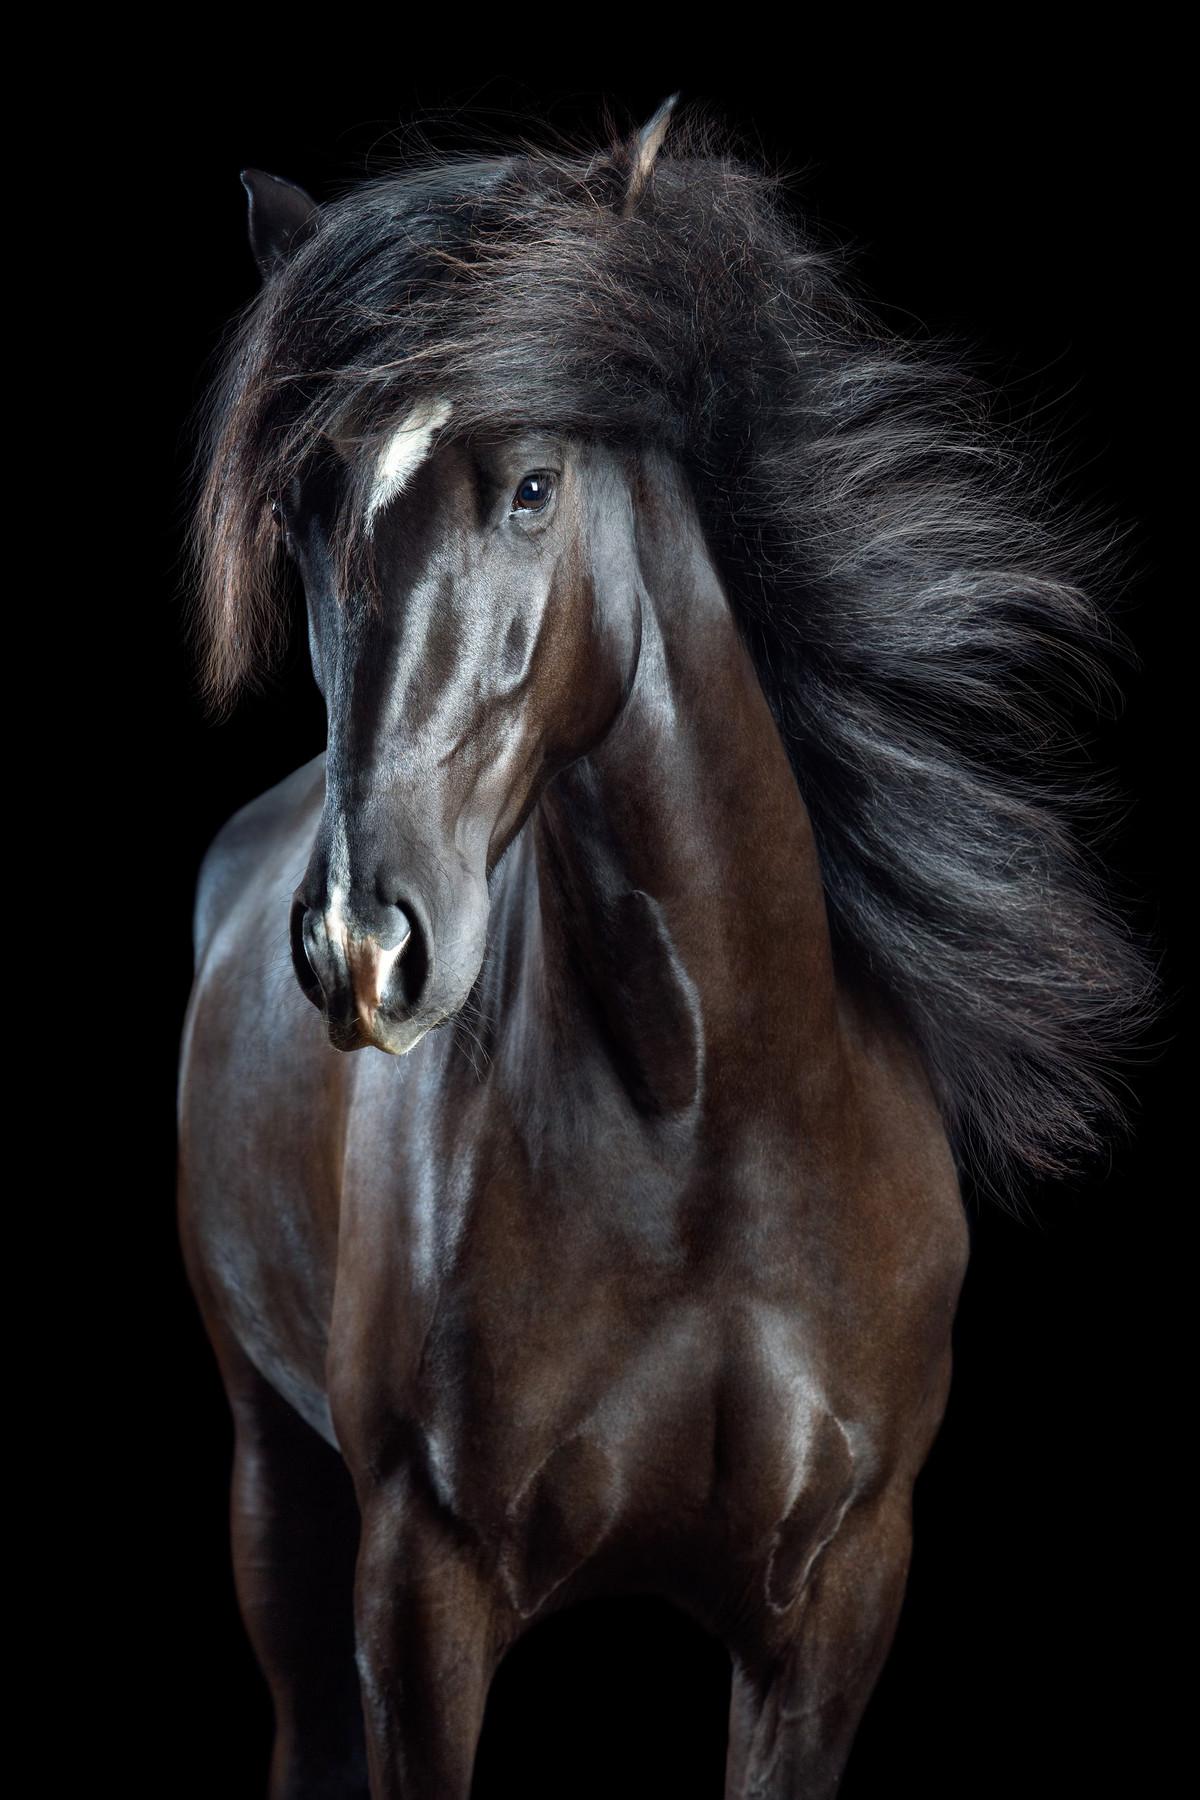 Притягательные гривы в фотографиях Вибке Хаас. Лошади, взмахивающие волосами 4